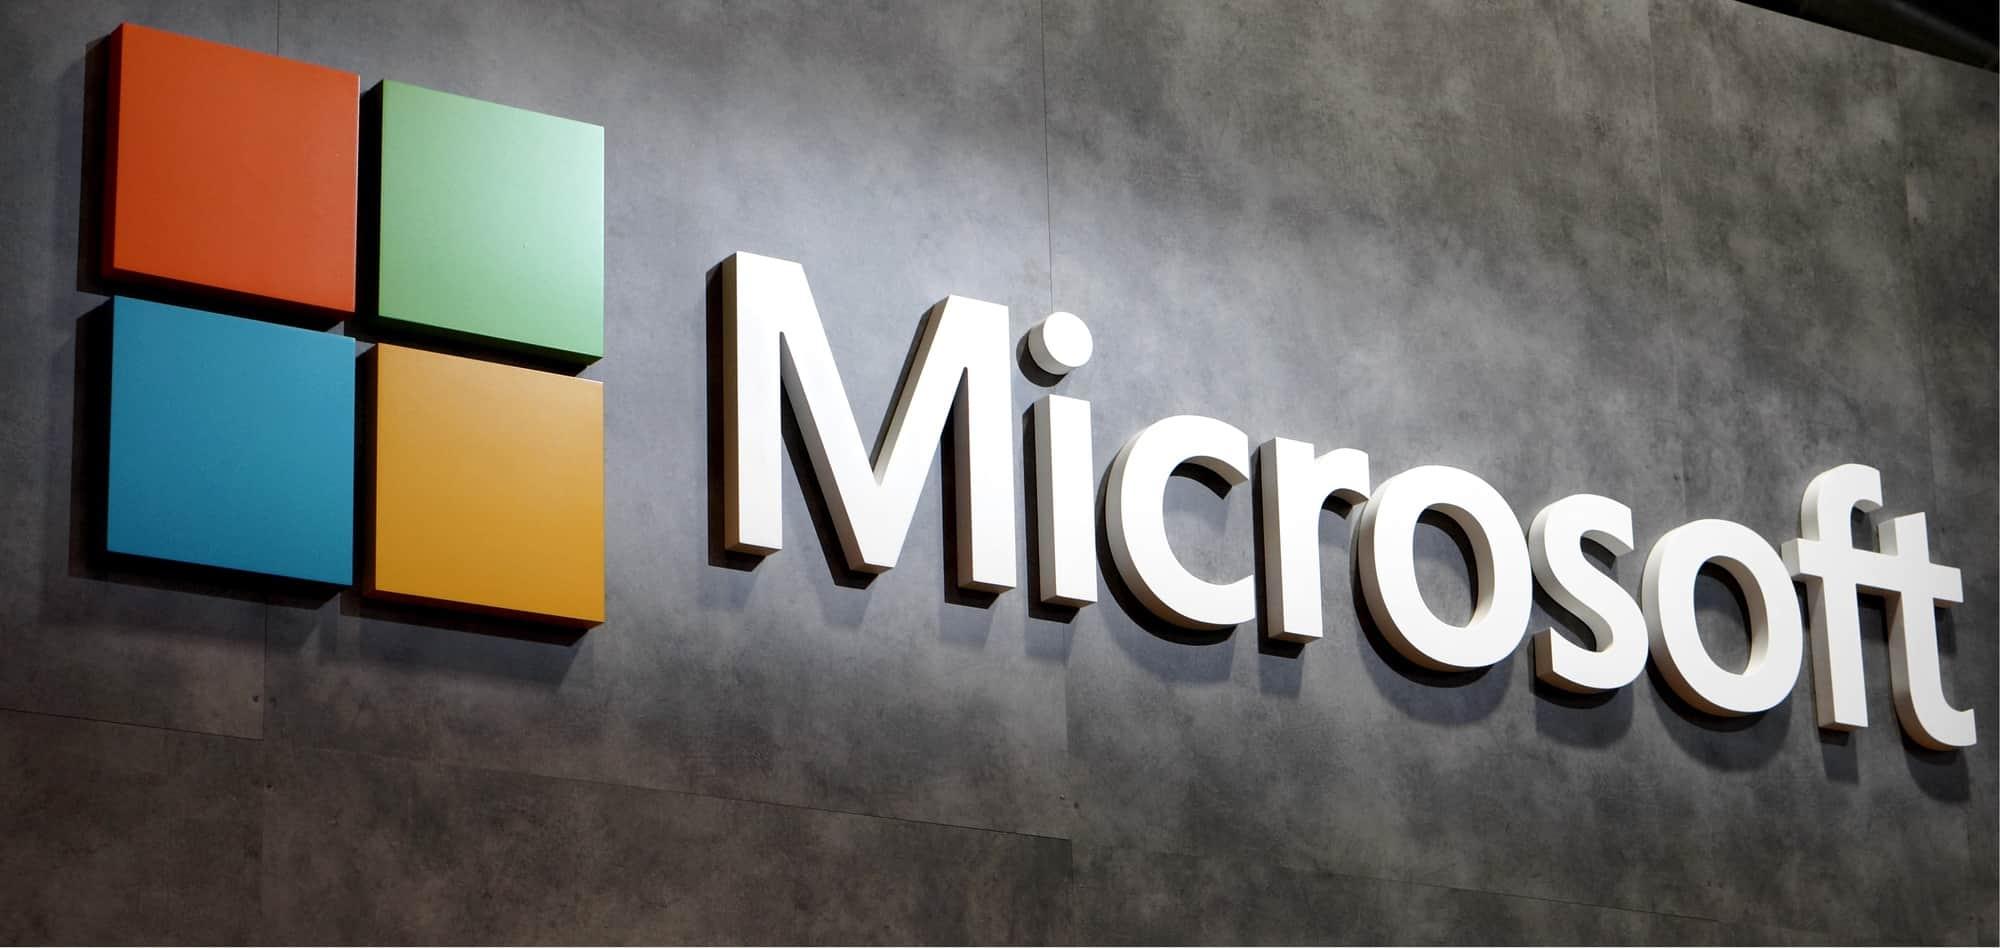 متطلبات العمل في شركة مايكروسوفت